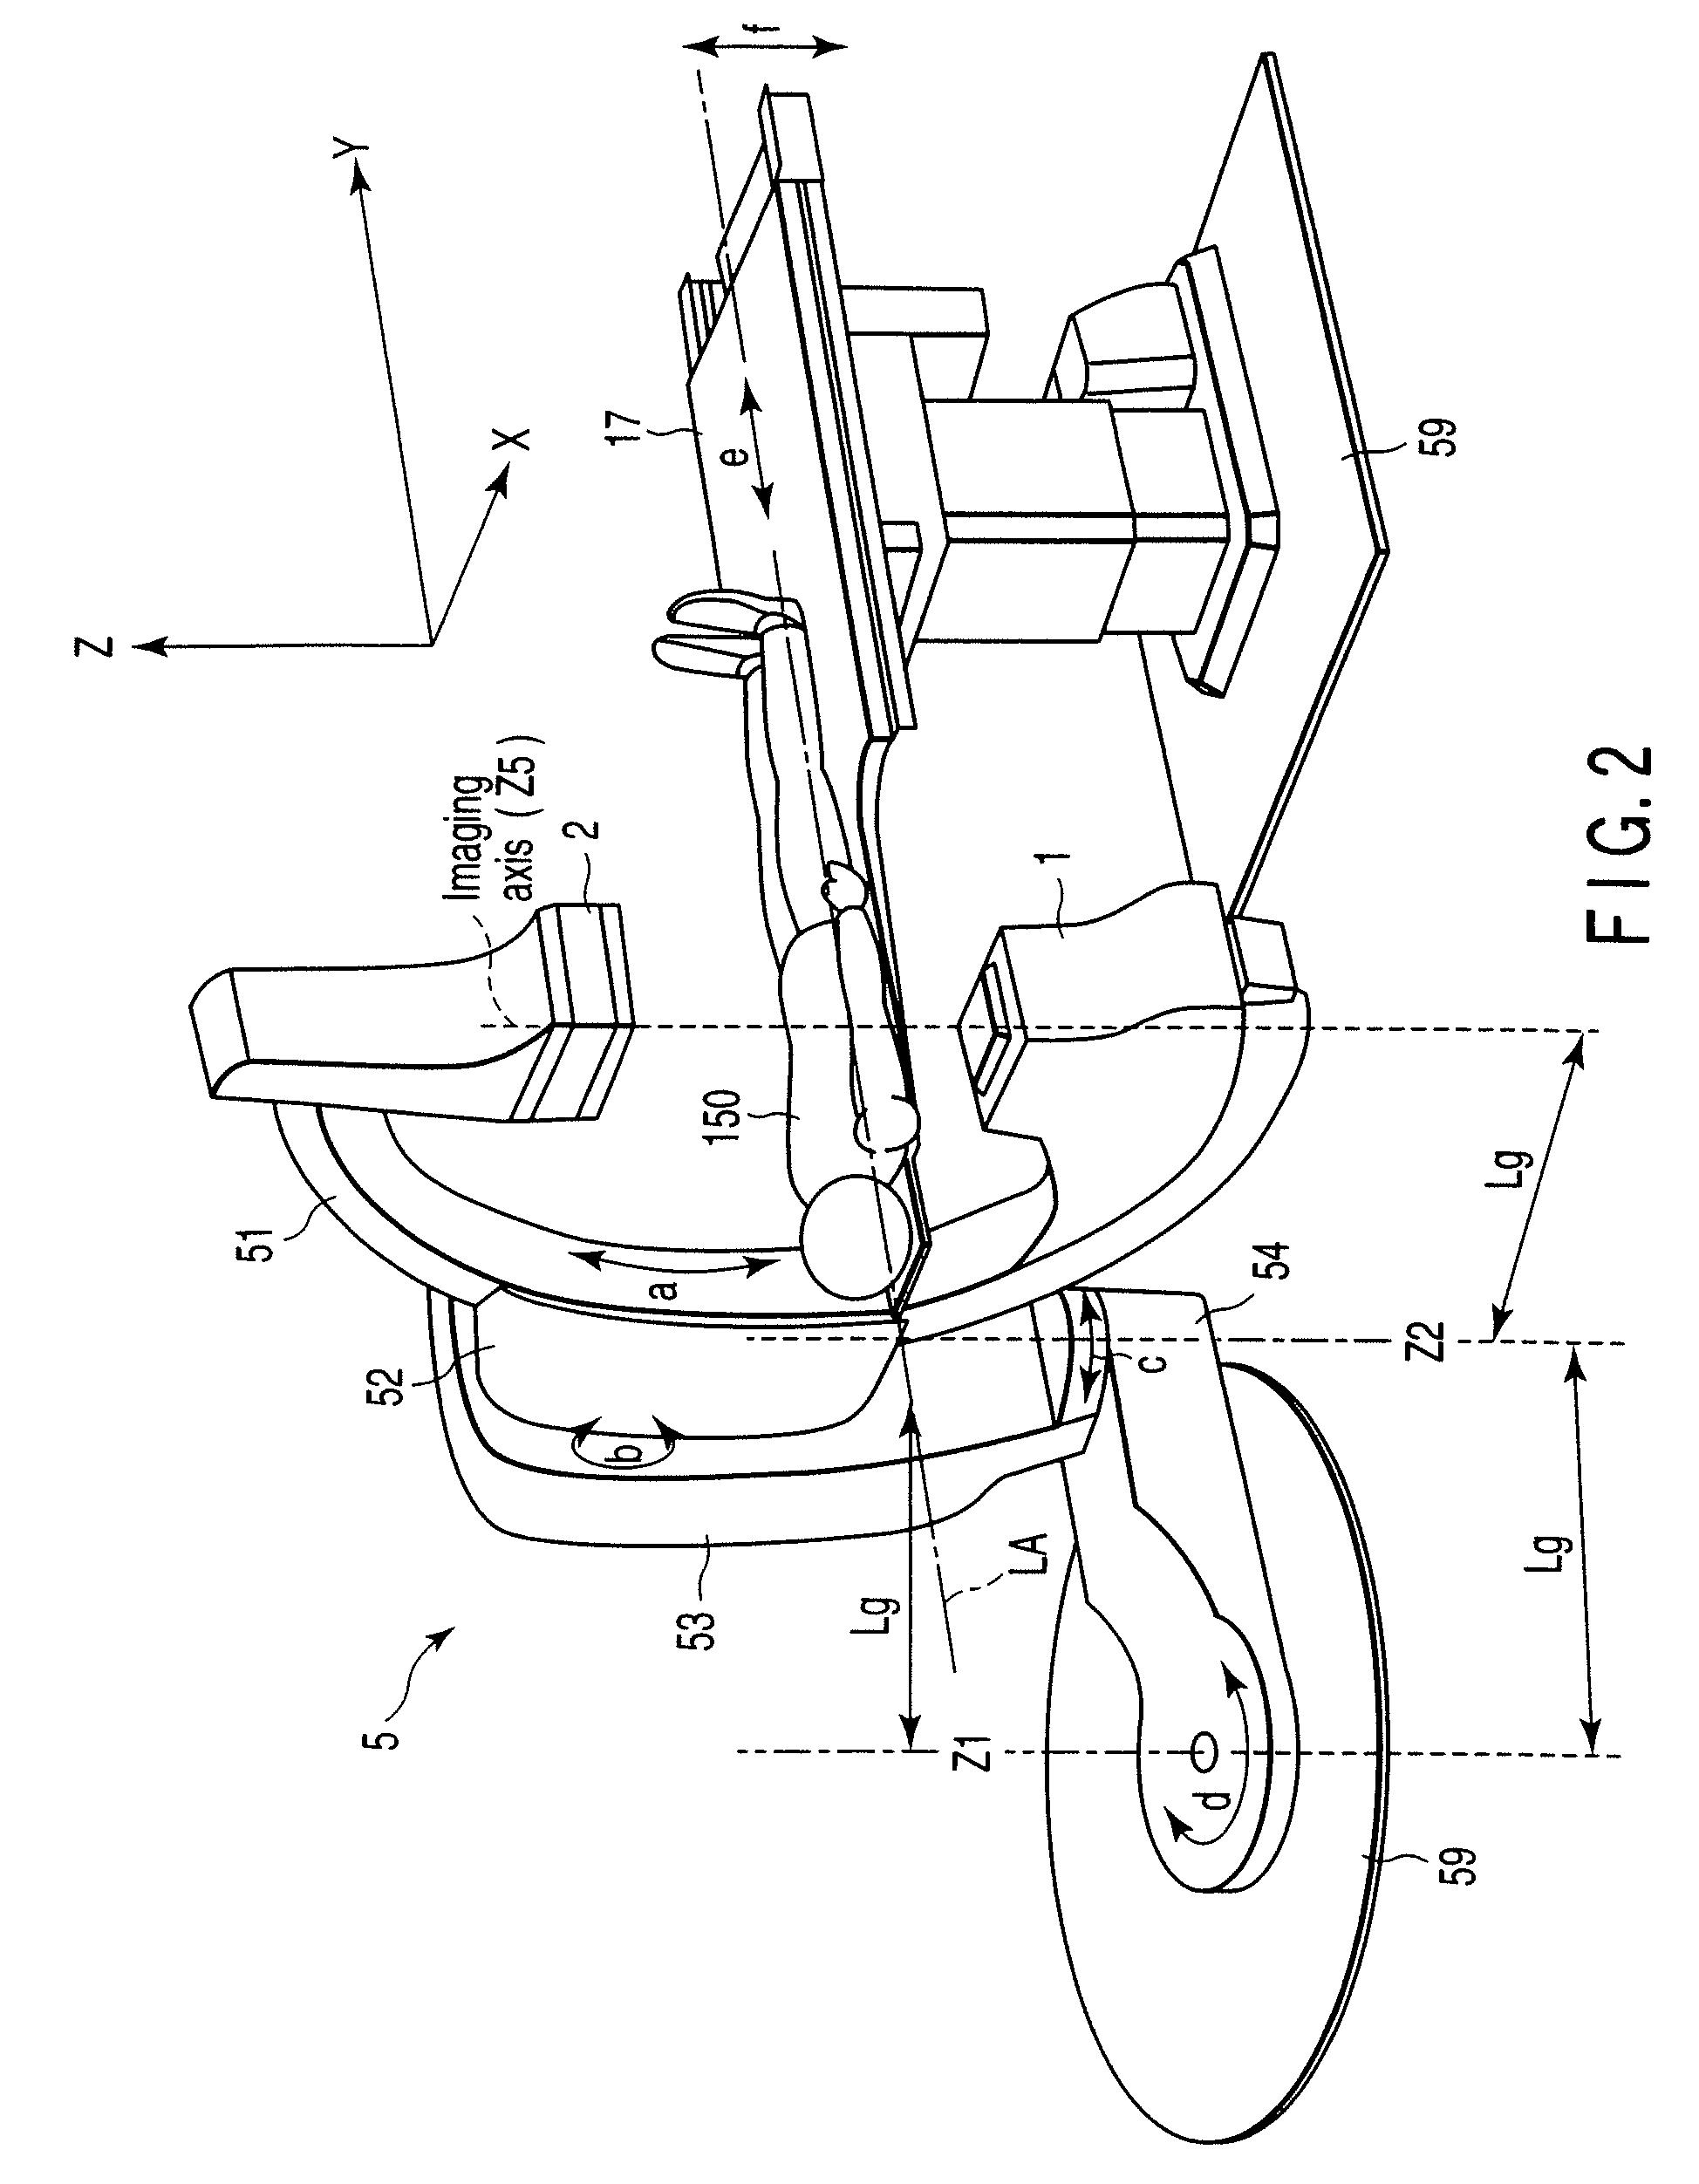 Polaris Outlaw 50 Wiring Diagram, Polaris, Free Engine